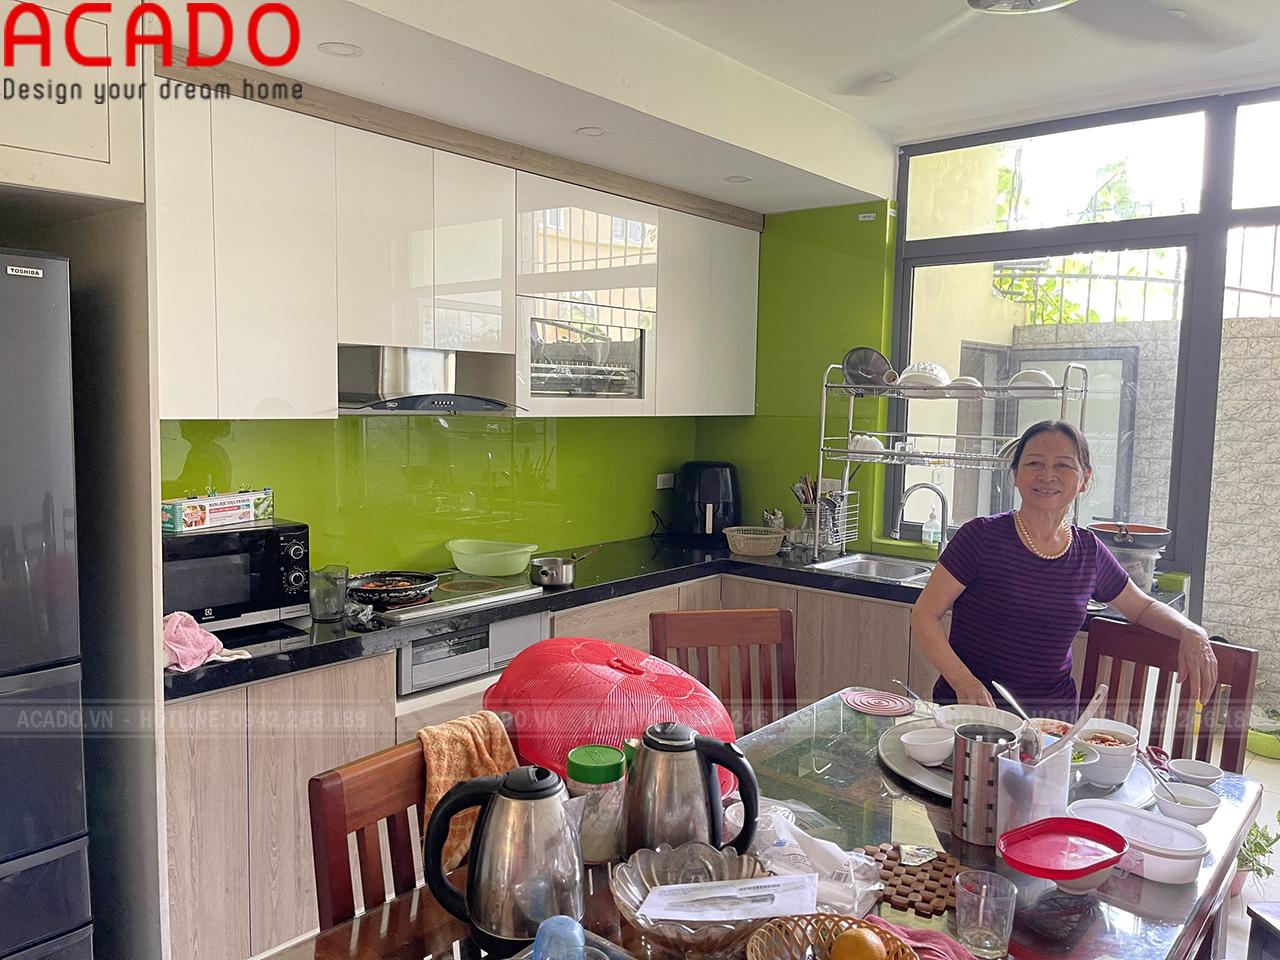 Kính bếp xanh cốm tạo điểm nhấn cho tủ bếp